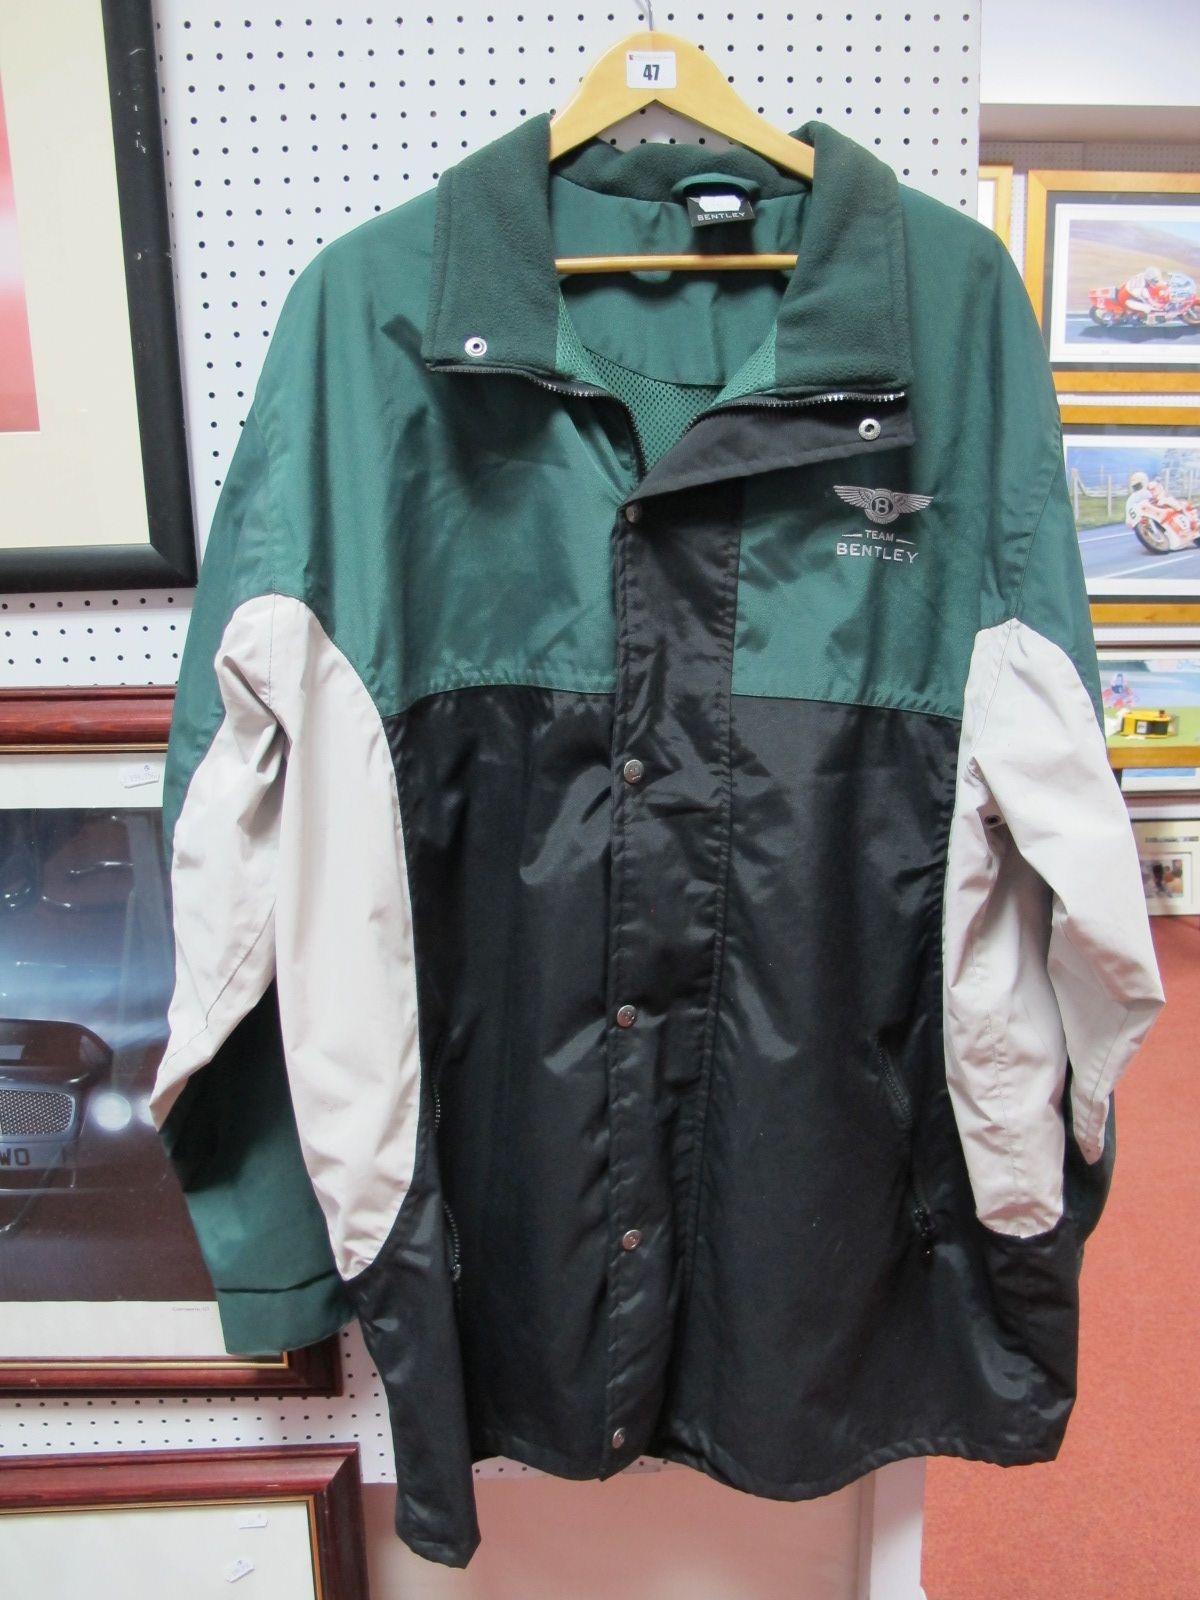 Lot 47 - A Team Bentley Men's Jacket, size XXL.